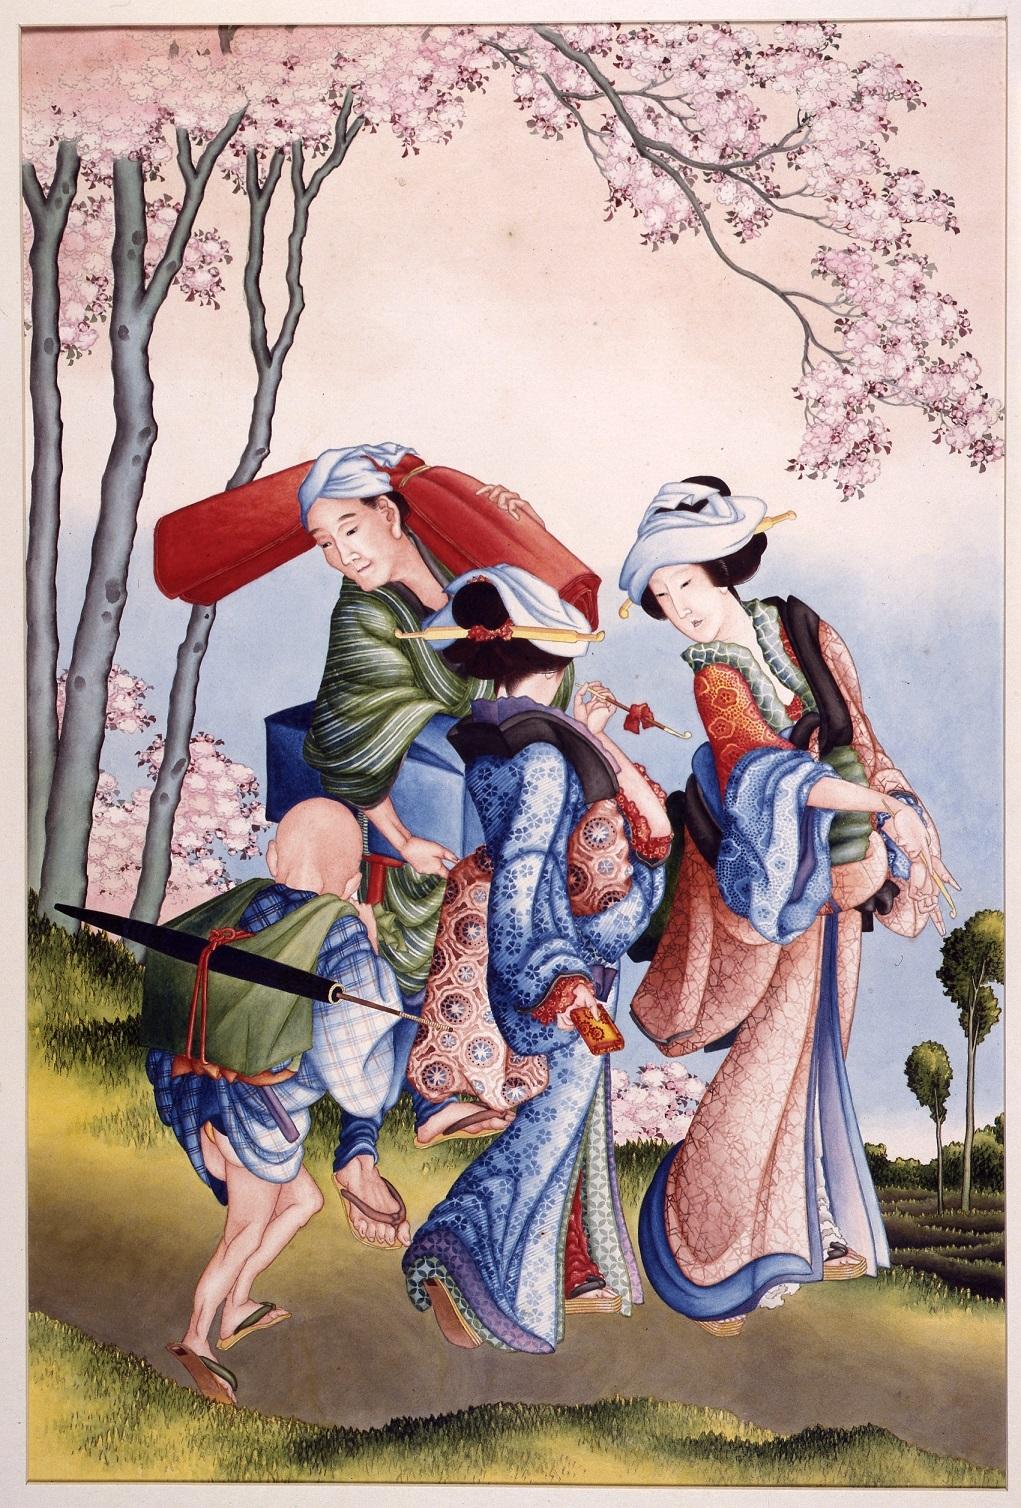 《花見》 文政7~9年(1824~26)頃 ライデン国立民族学博物館 © Collection National Museum van Wereldculturen. RV-1-4482-m